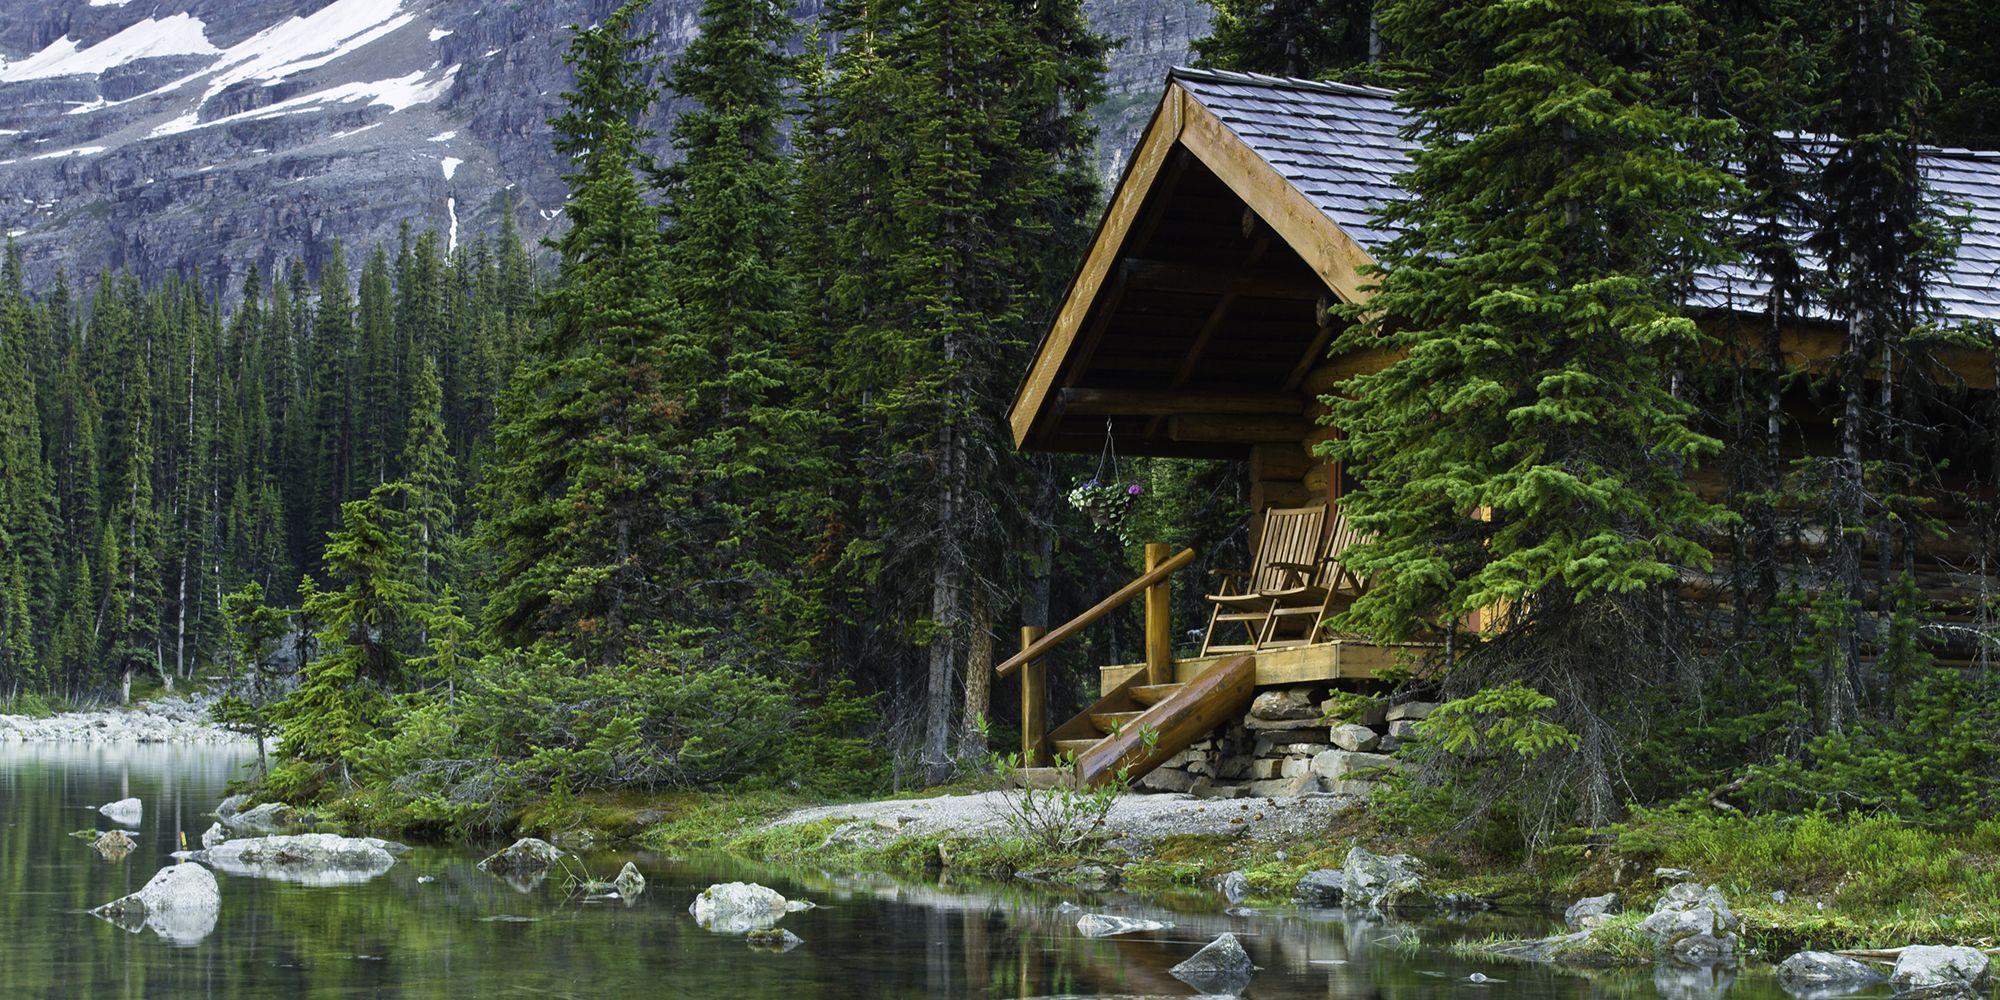 C È Una Casa Nel Bosco la capanna nel bosco, lontana dal mondo, è il lusso